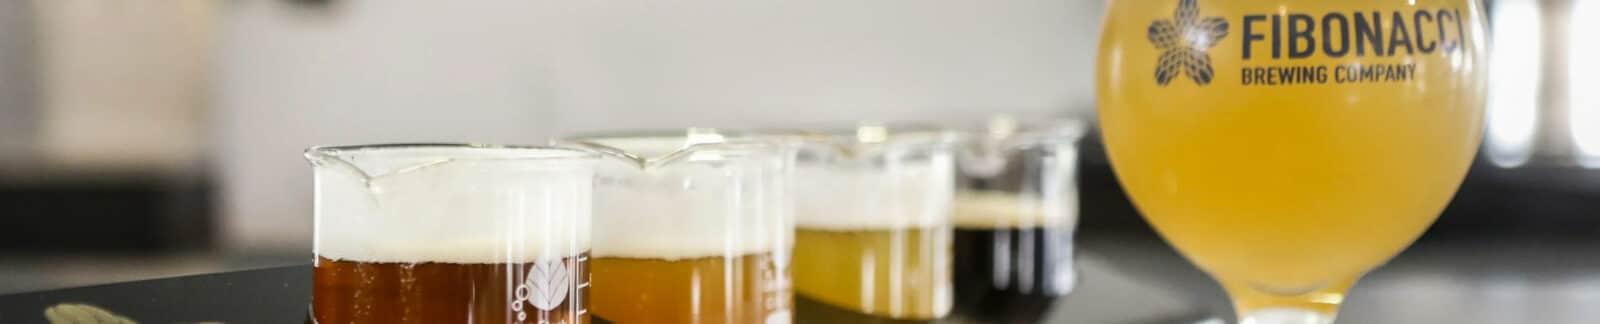 Fibonacci Brewing Company header